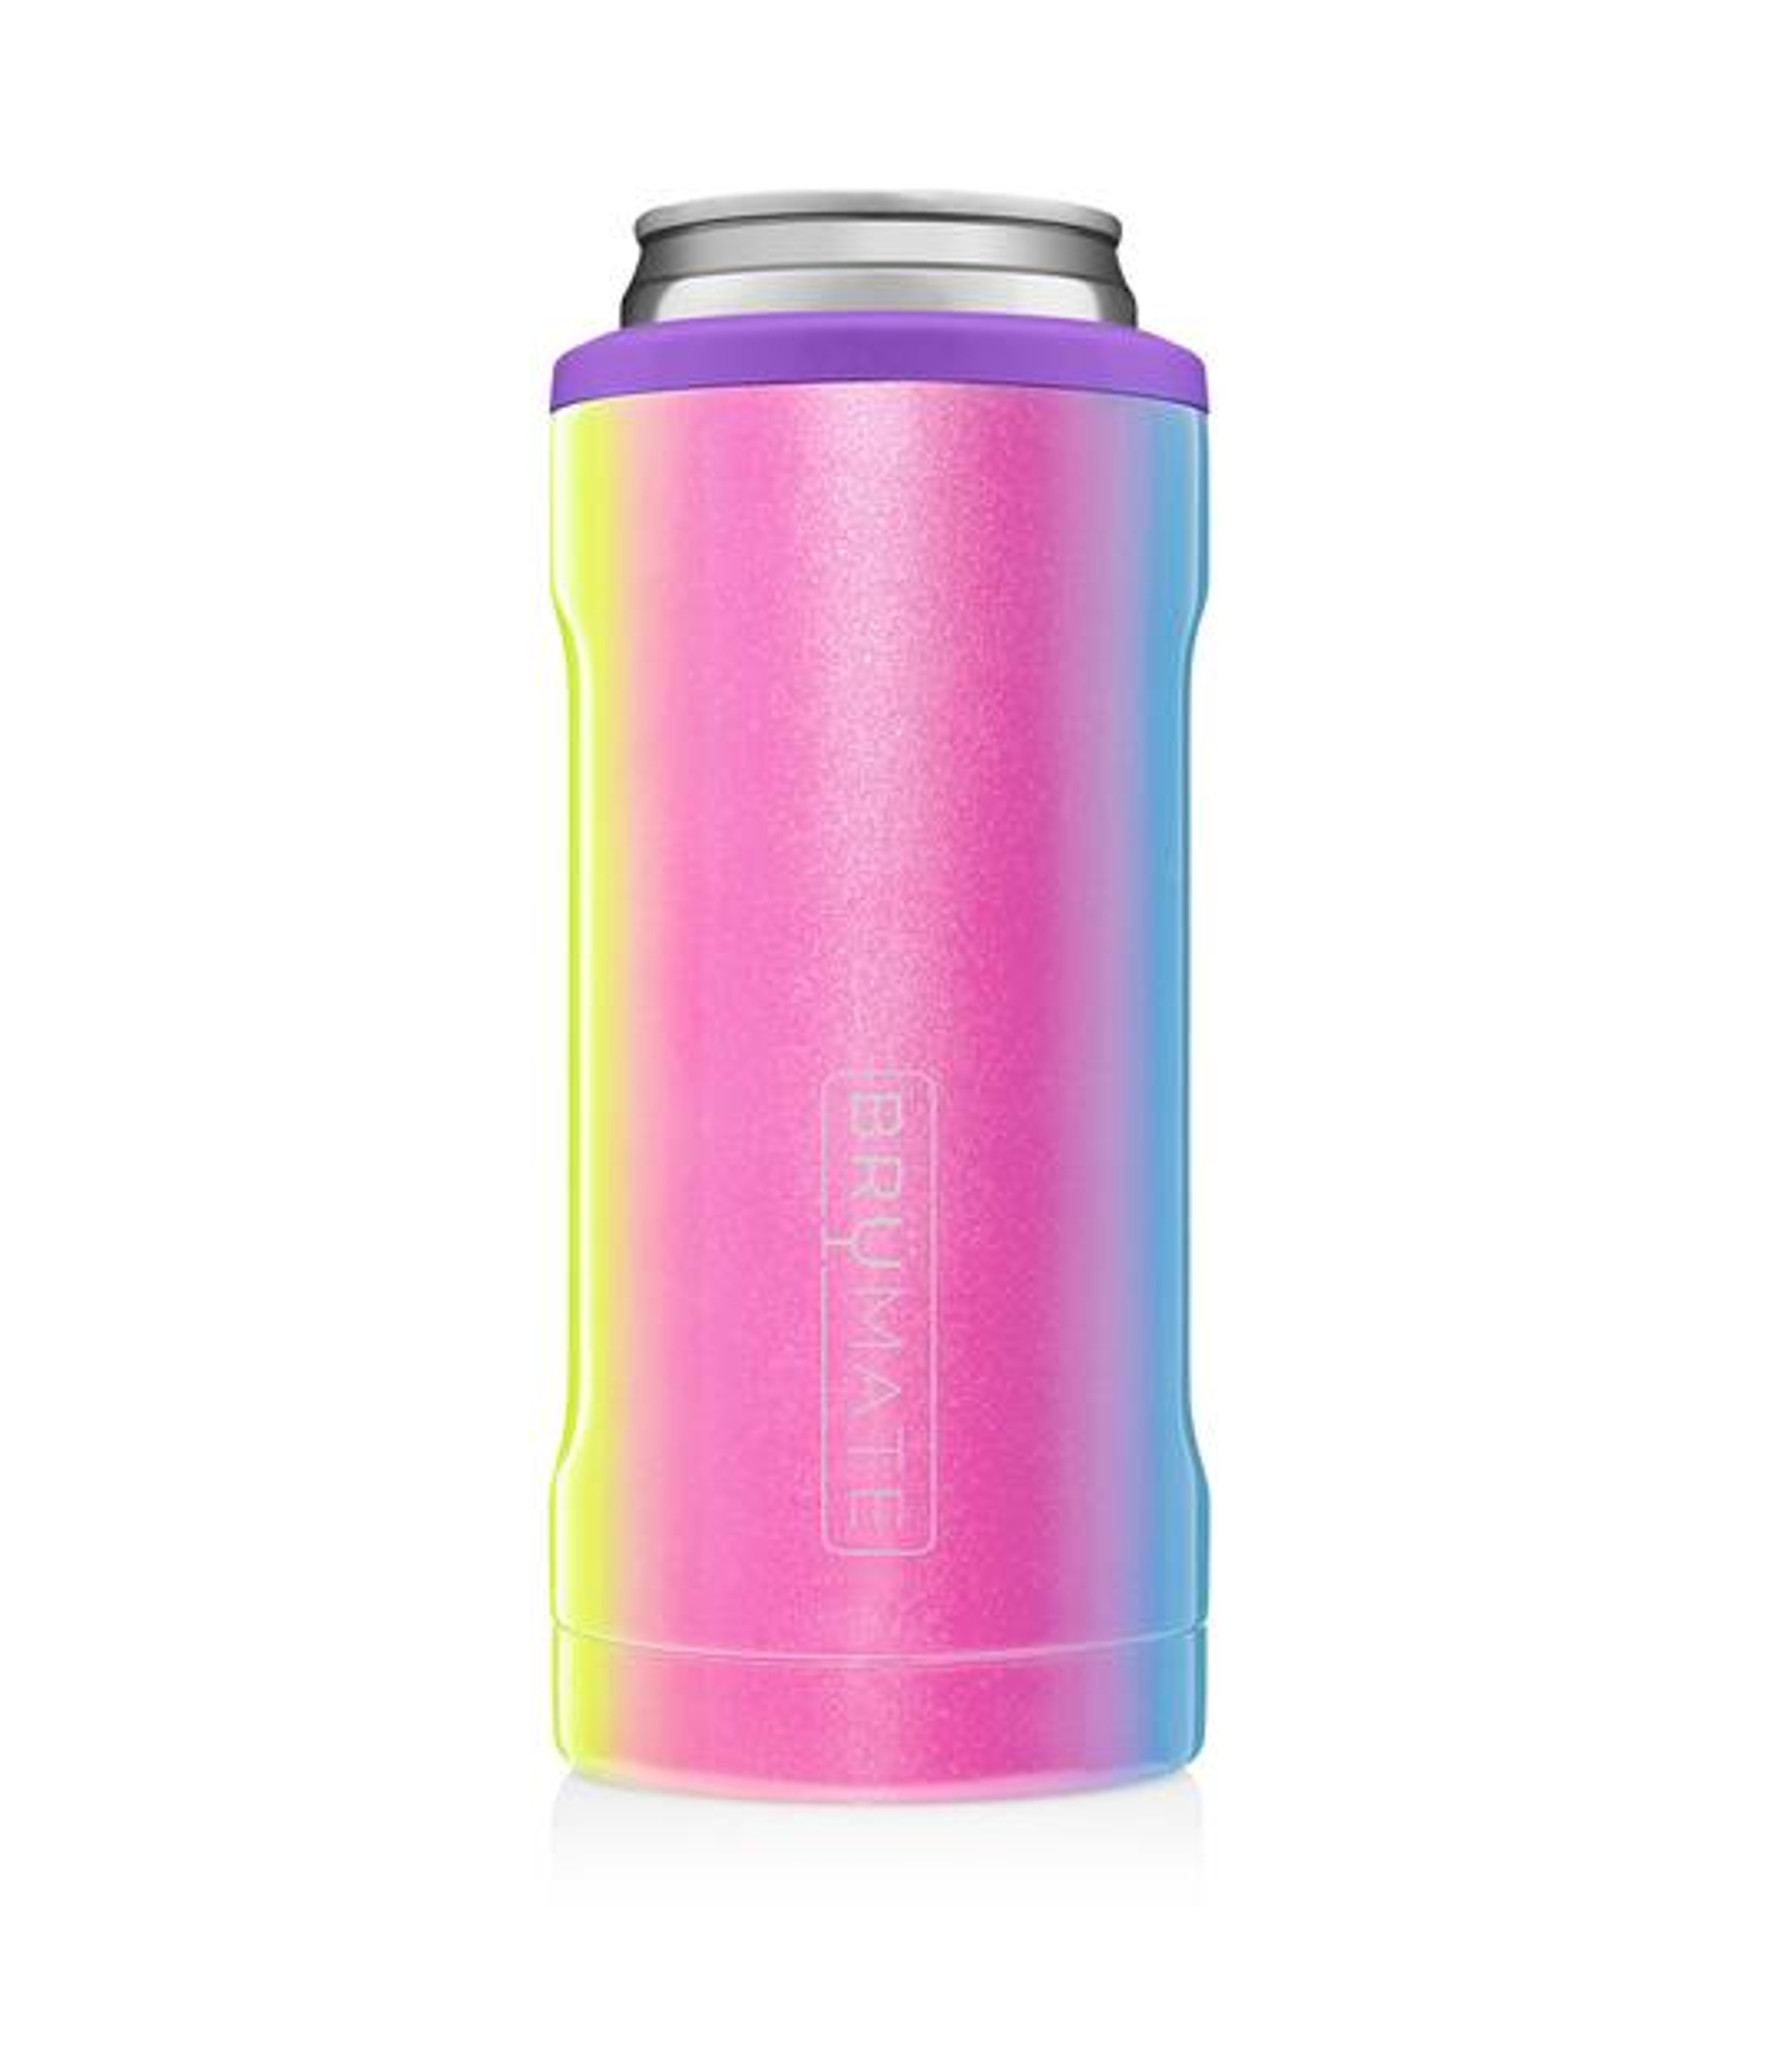 Brumate Slim Hopsulator - Glitter Rainbow